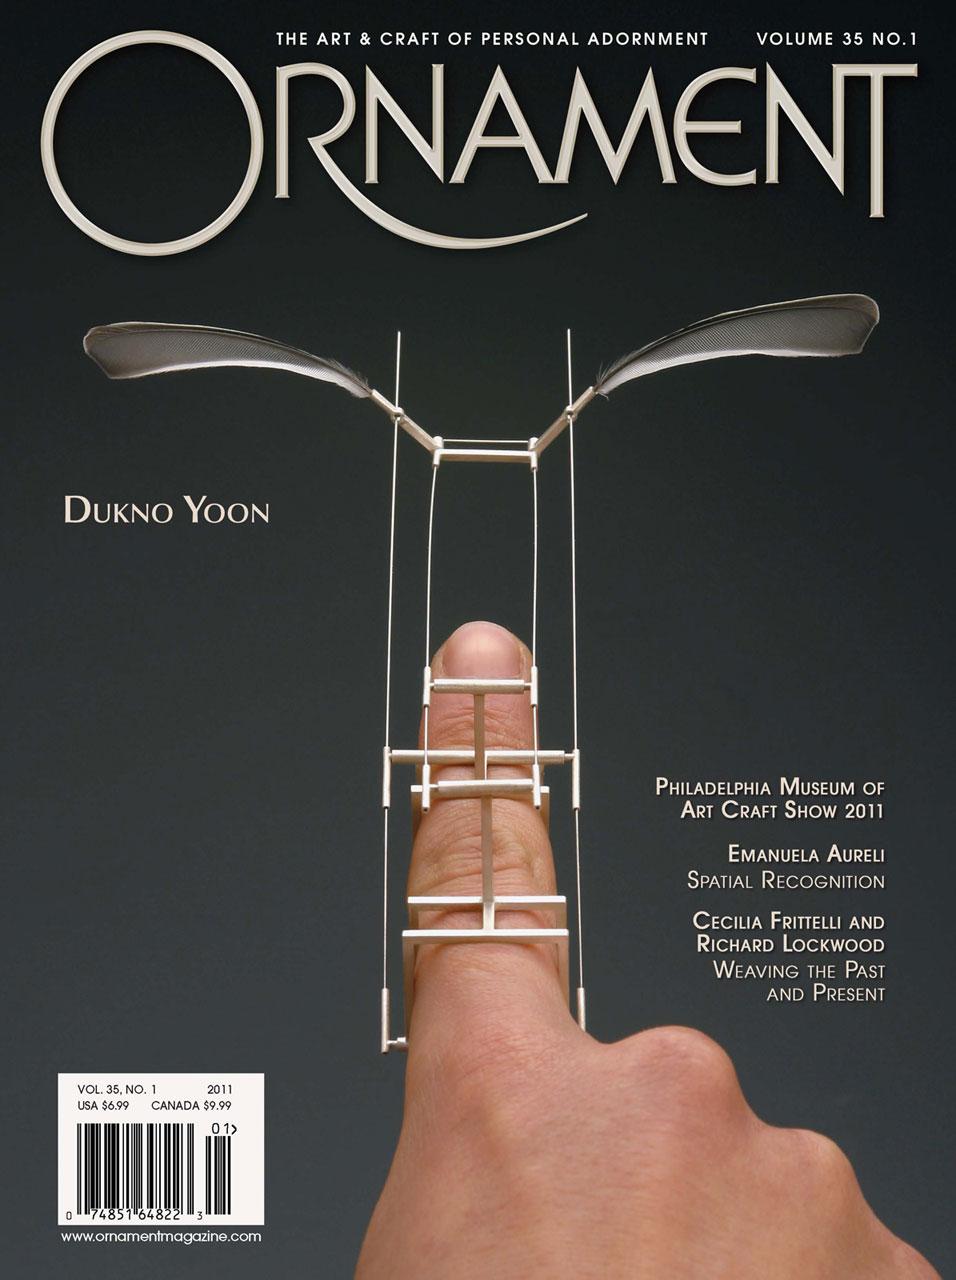 Orn35_1_Cover.jpg